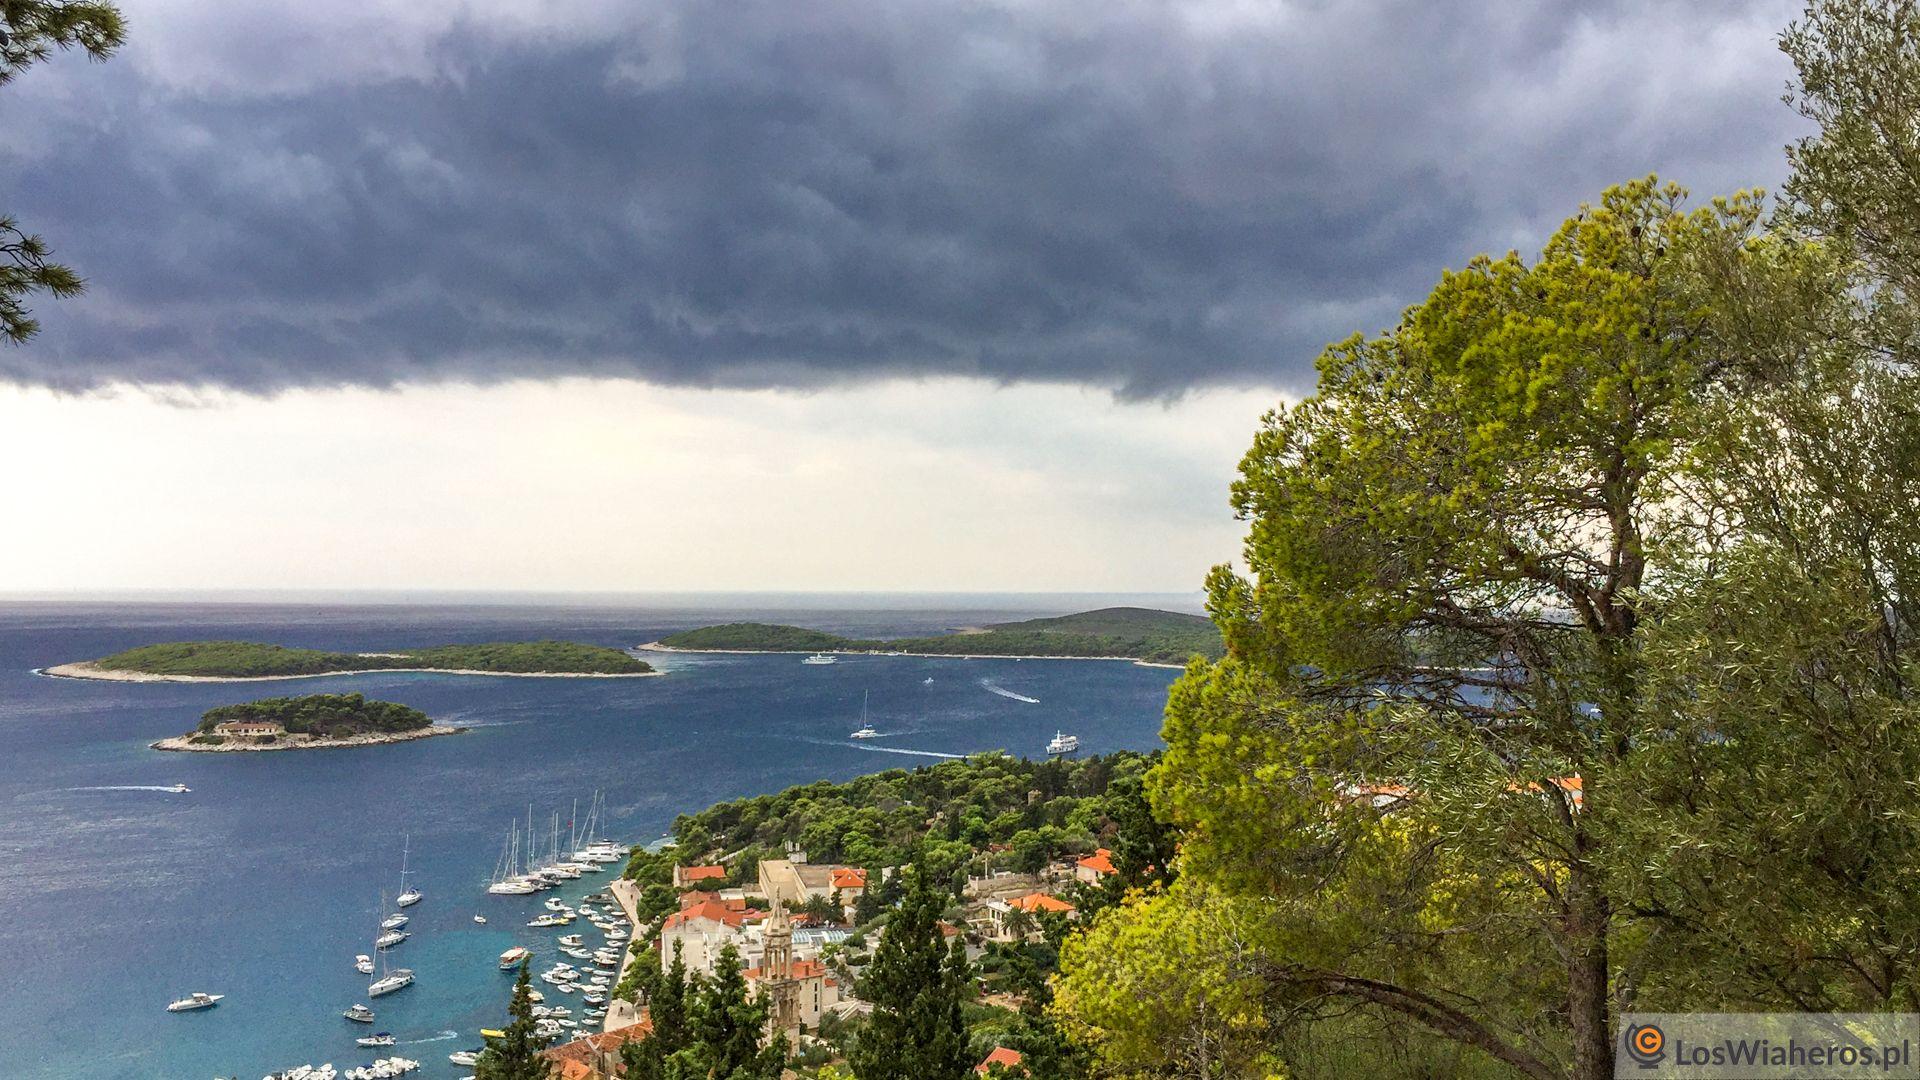 Chorwackie wyspy tomagia... którazaraz się tu zadzieje...